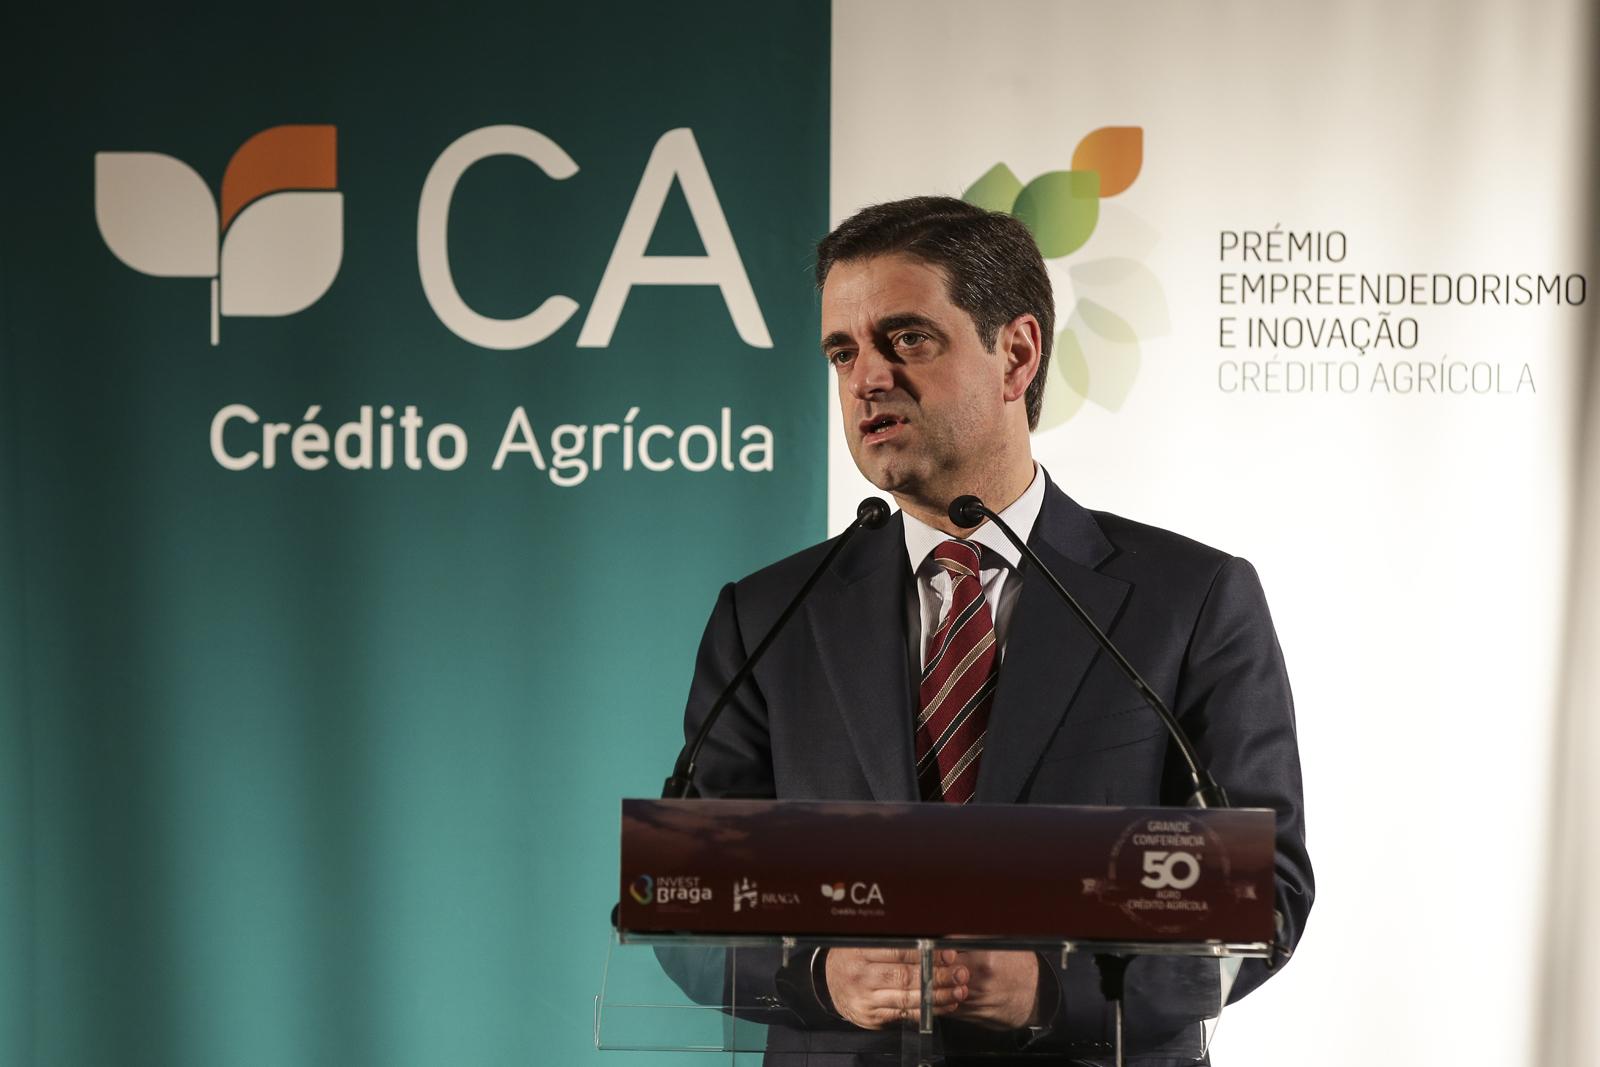 Ricardo Rio, presidente da Câmara de Braga, discursou no encerramento da Grande Conferência 50ª AGRO Crédito Agrícola